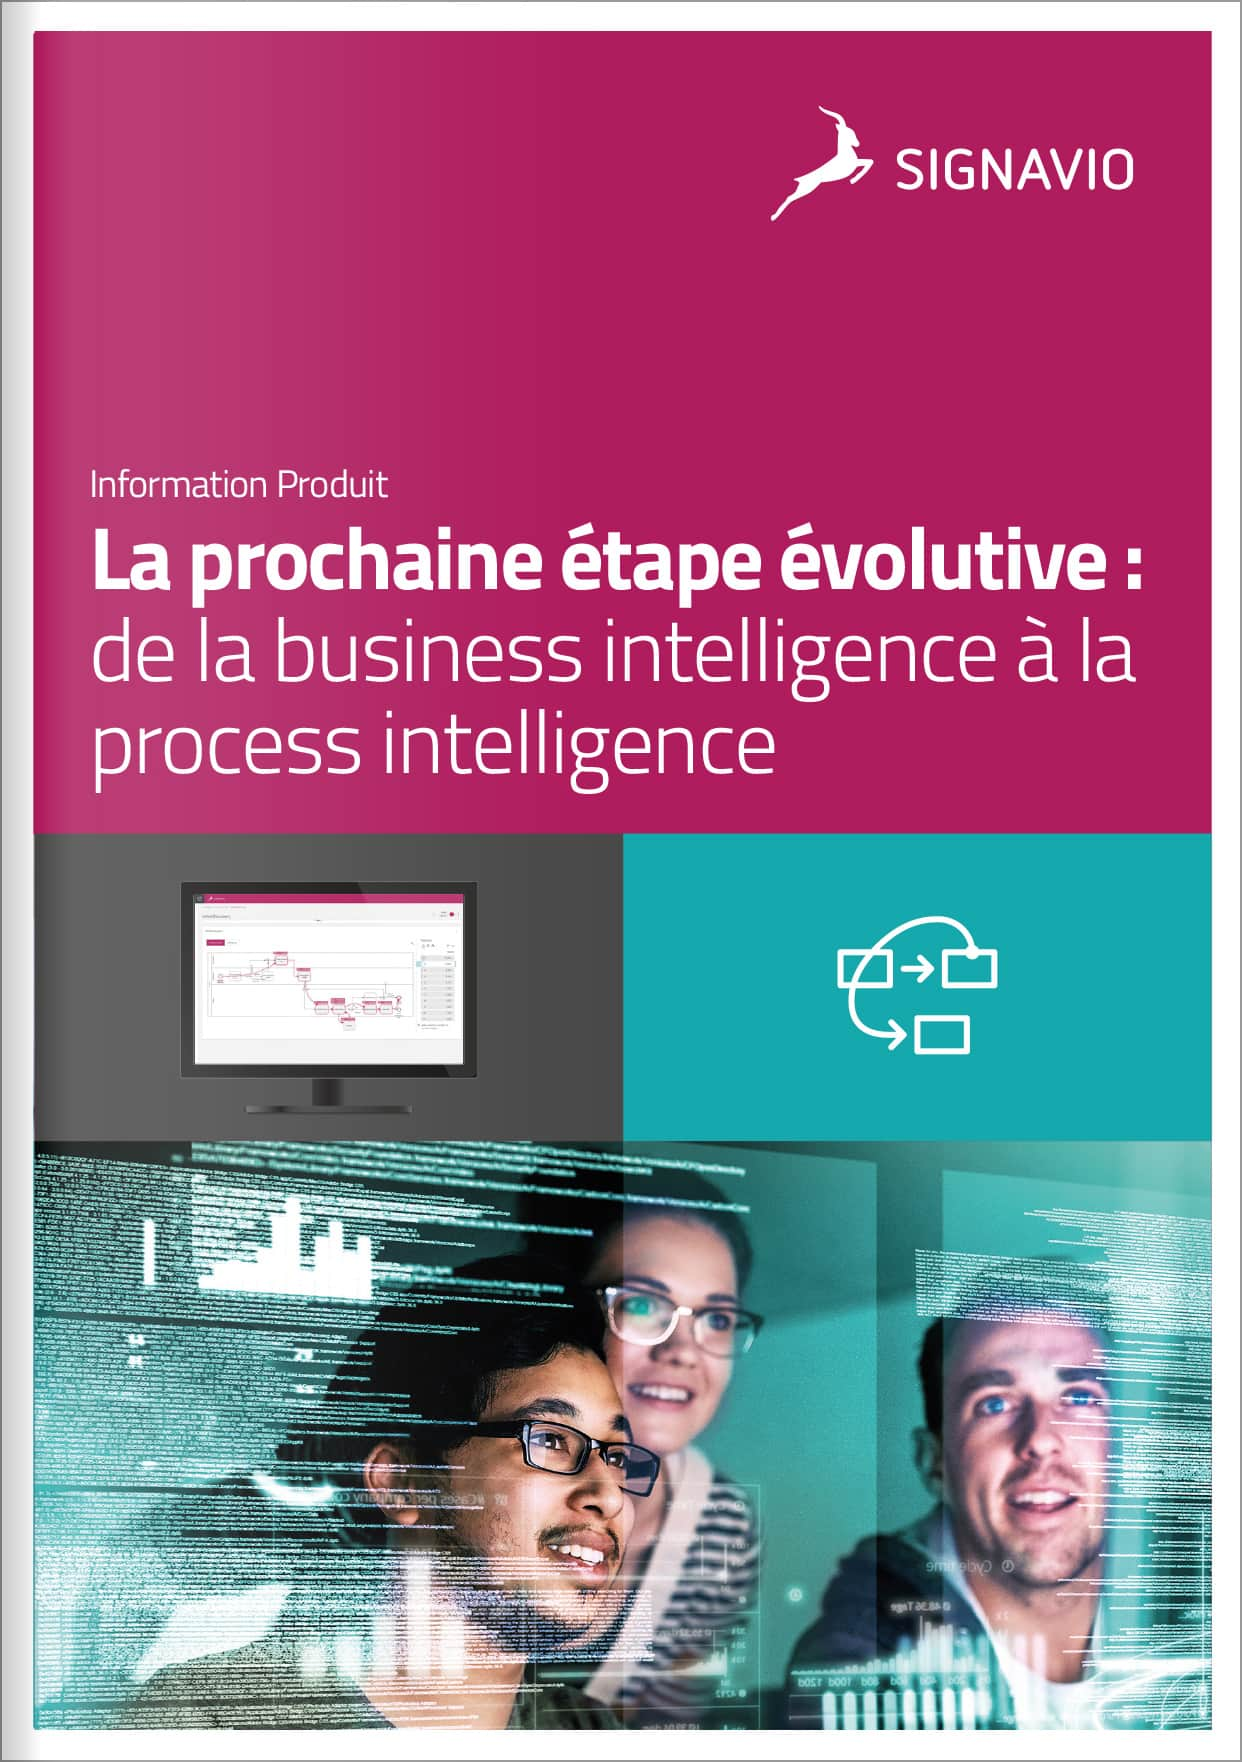 La prochaine étape évolutive : de la business intelligence à la process intelligence